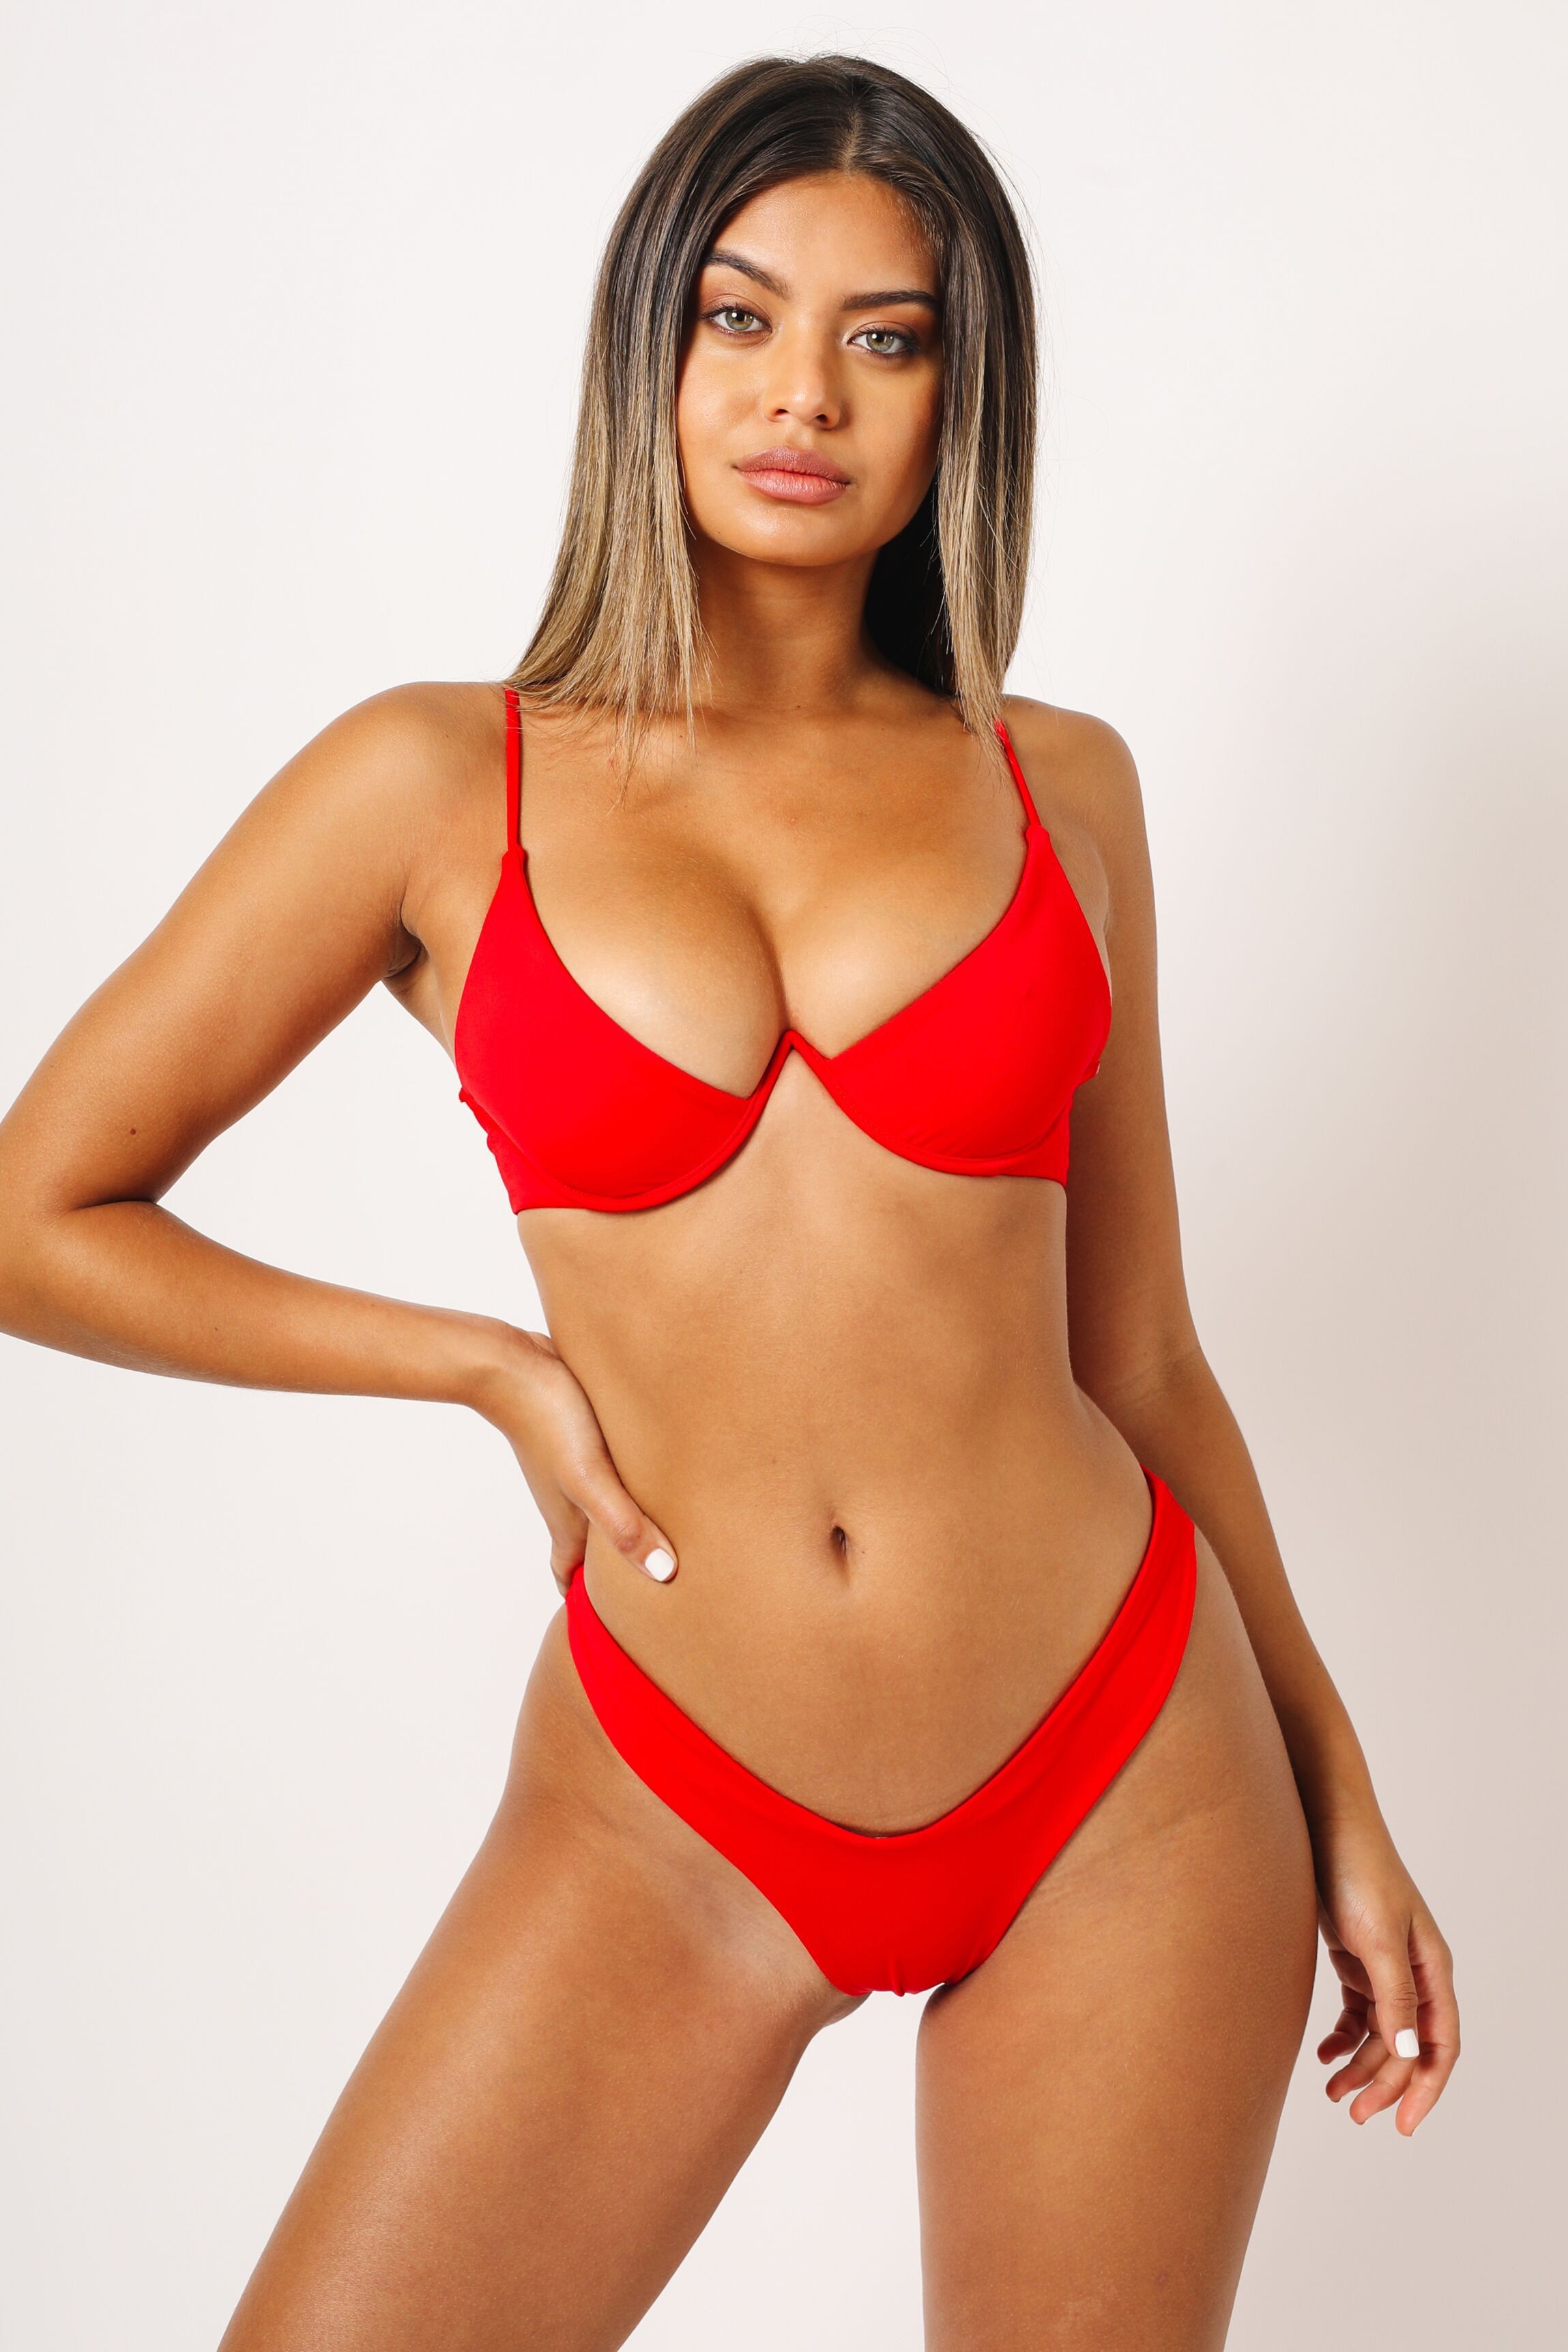 Les chixx du Prince (combat #5) Mzf8e0-l-3447x3447-underwire+bikini-kaohs+bikini-ishine365-shop+ishine365-adjustable+straps-sofia+jamora-celebrity-bikini-swimwear